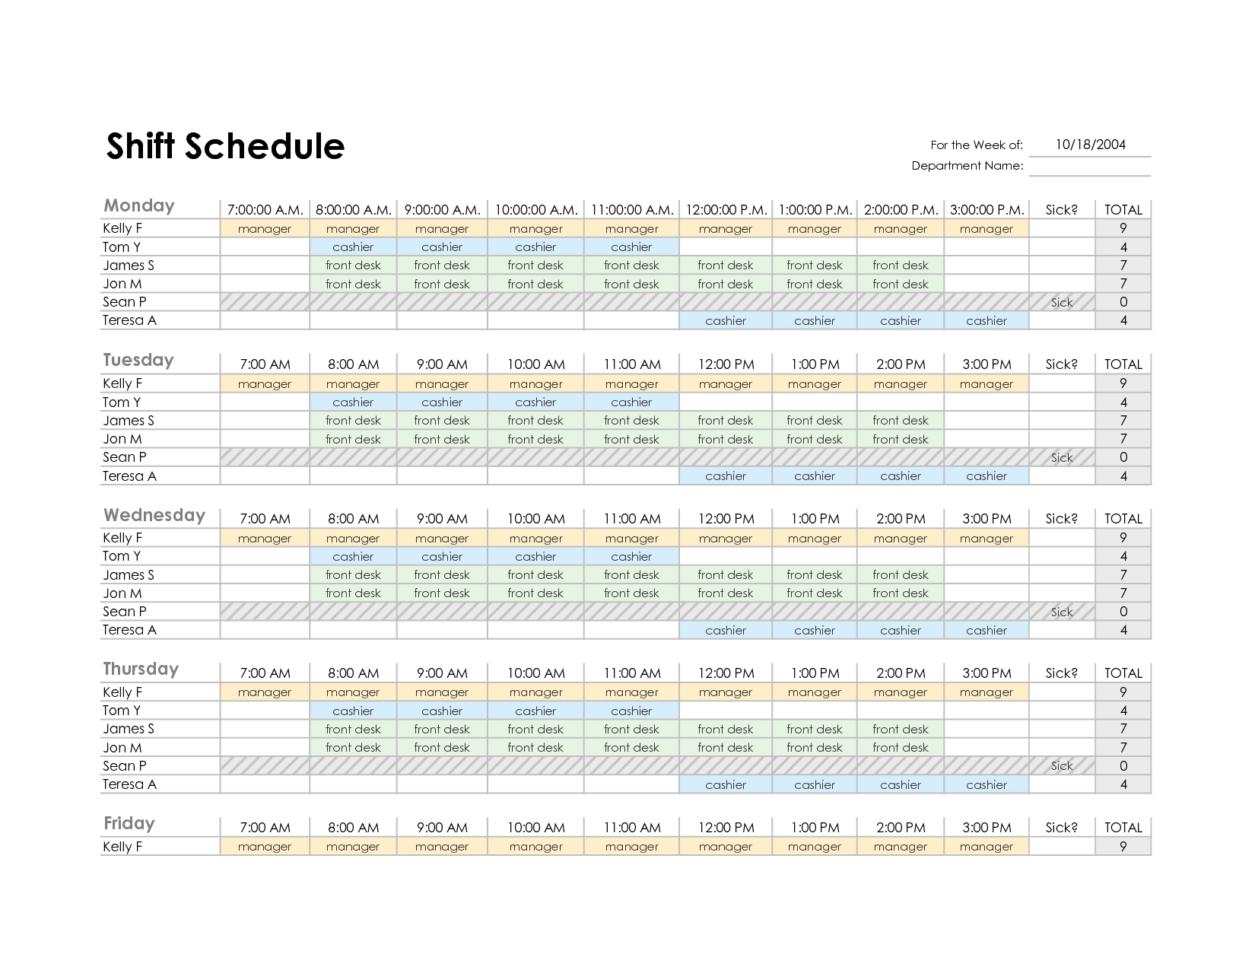 Employee Scheduling Spreadsheet Regarding Excel Spreadsheet For Scheduling Employee Shifts And Employee